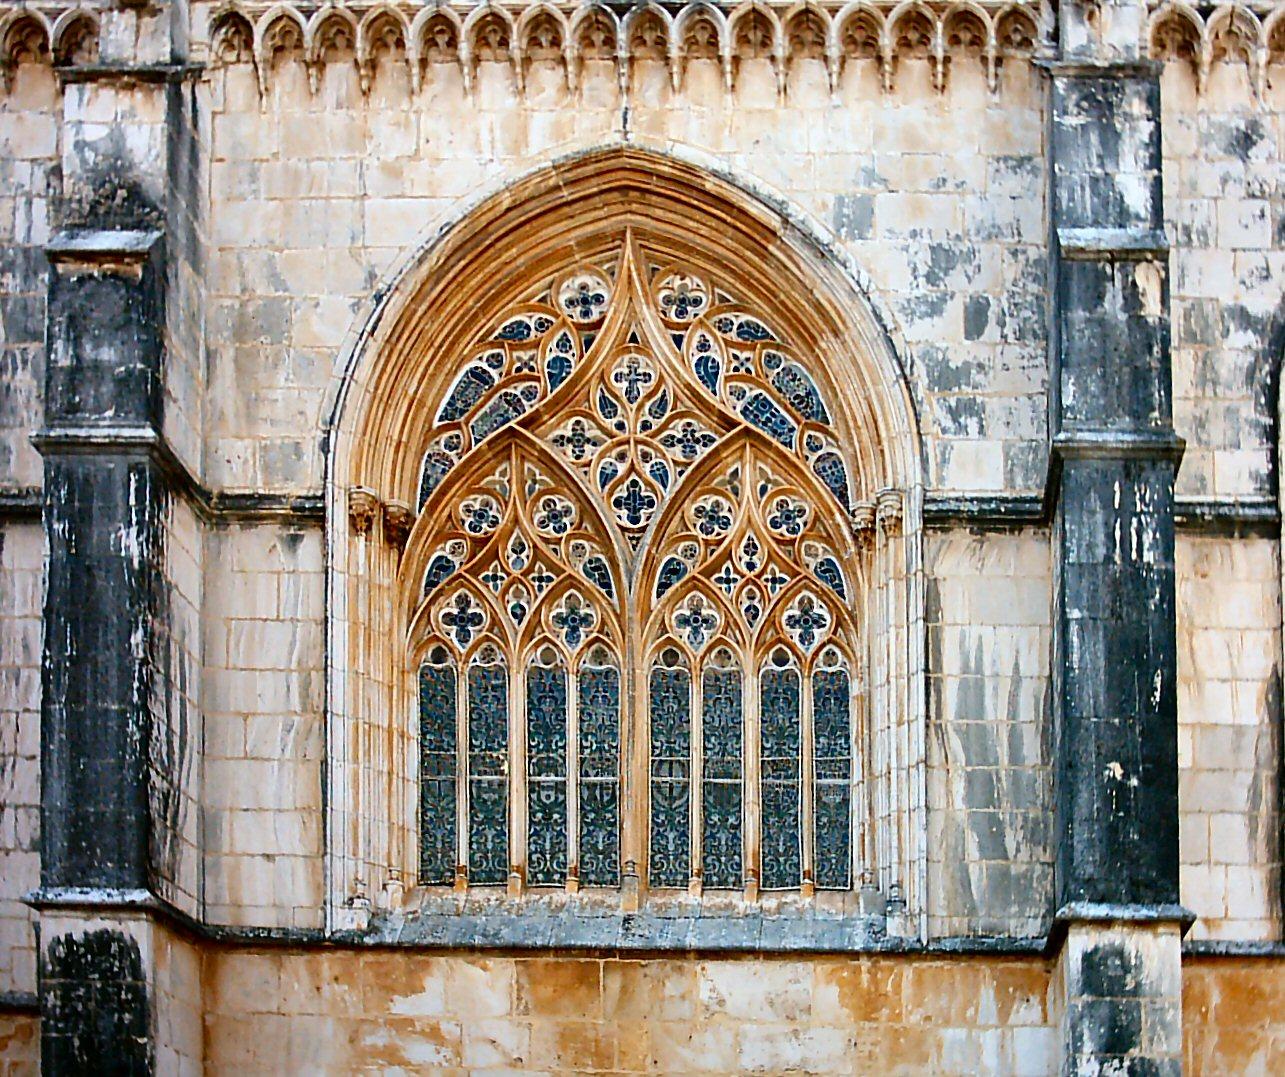 #72411A File:Mosteiro da Batalha (14).JPG Wikimedia Commons 3564 Casas Com Janelas Em Arco